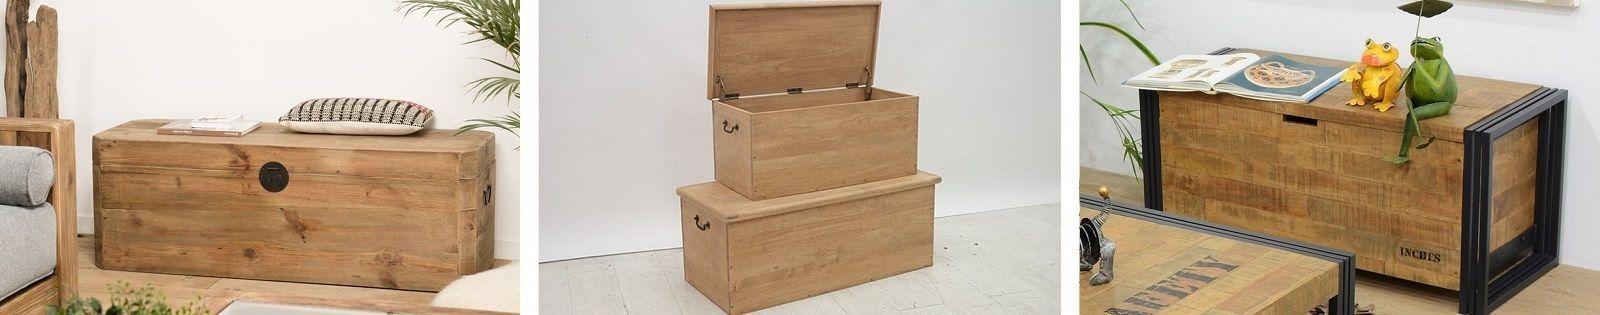 Coffre : meubles de très bonne qualité. Haut de gamme. Lotuséa